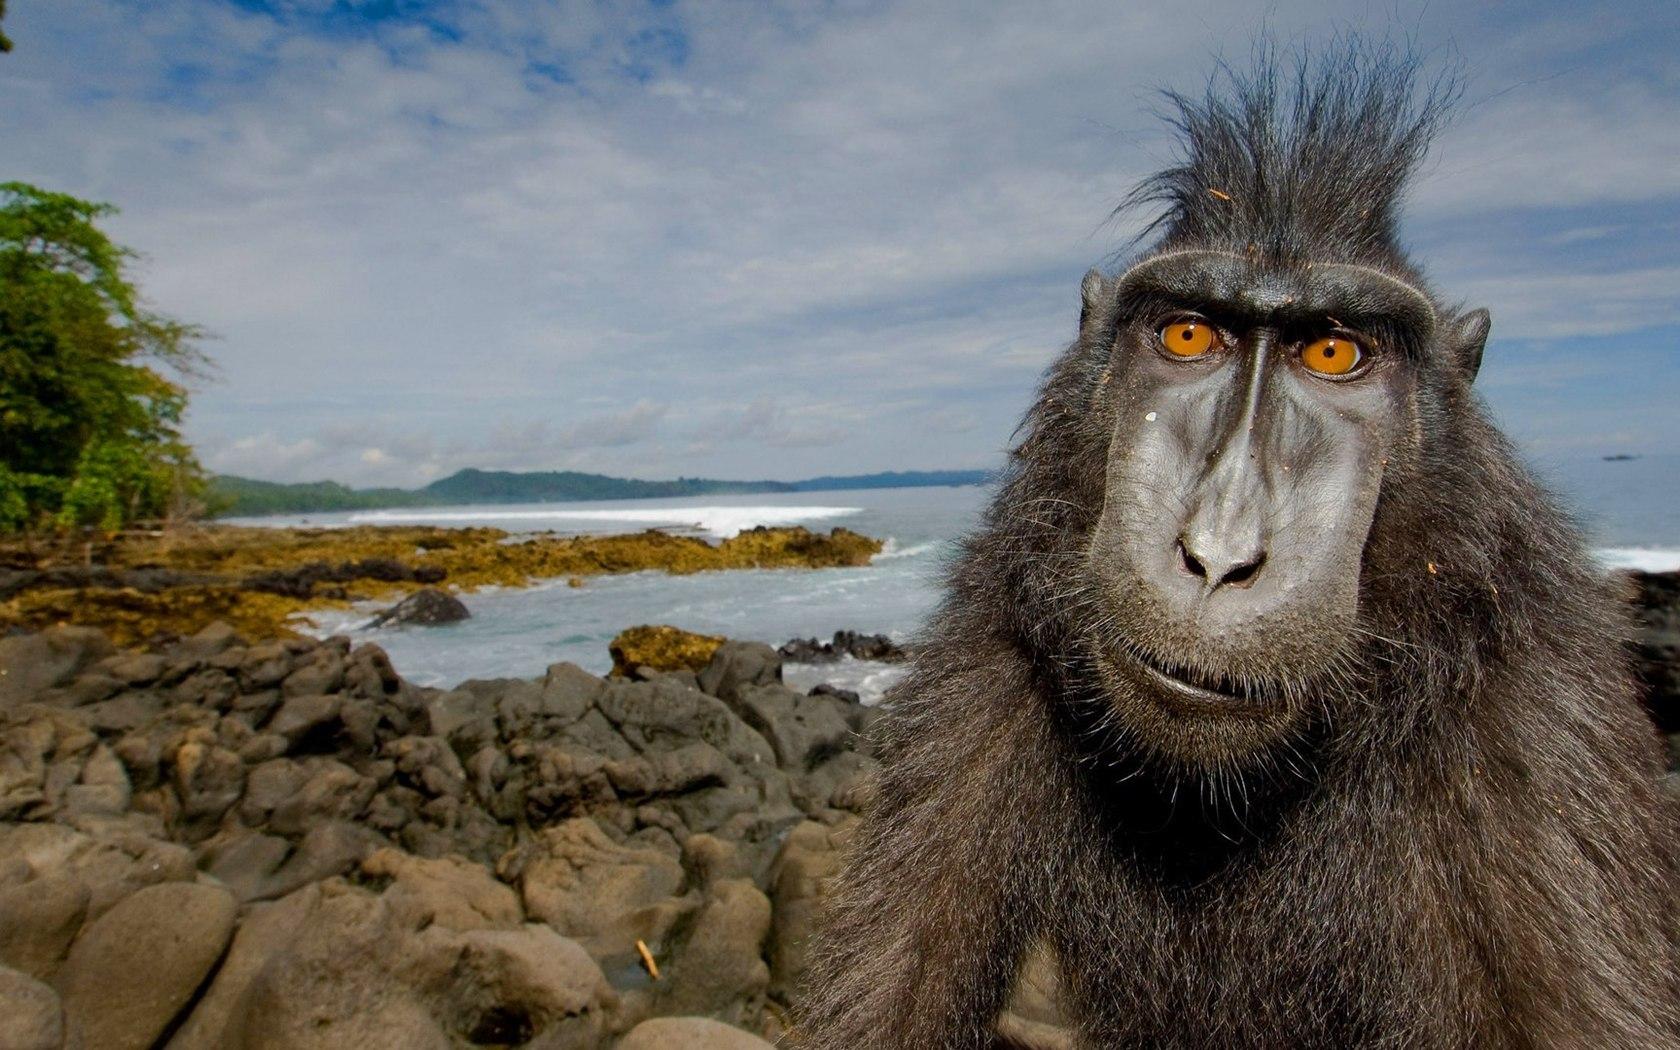 животное, примат, берег